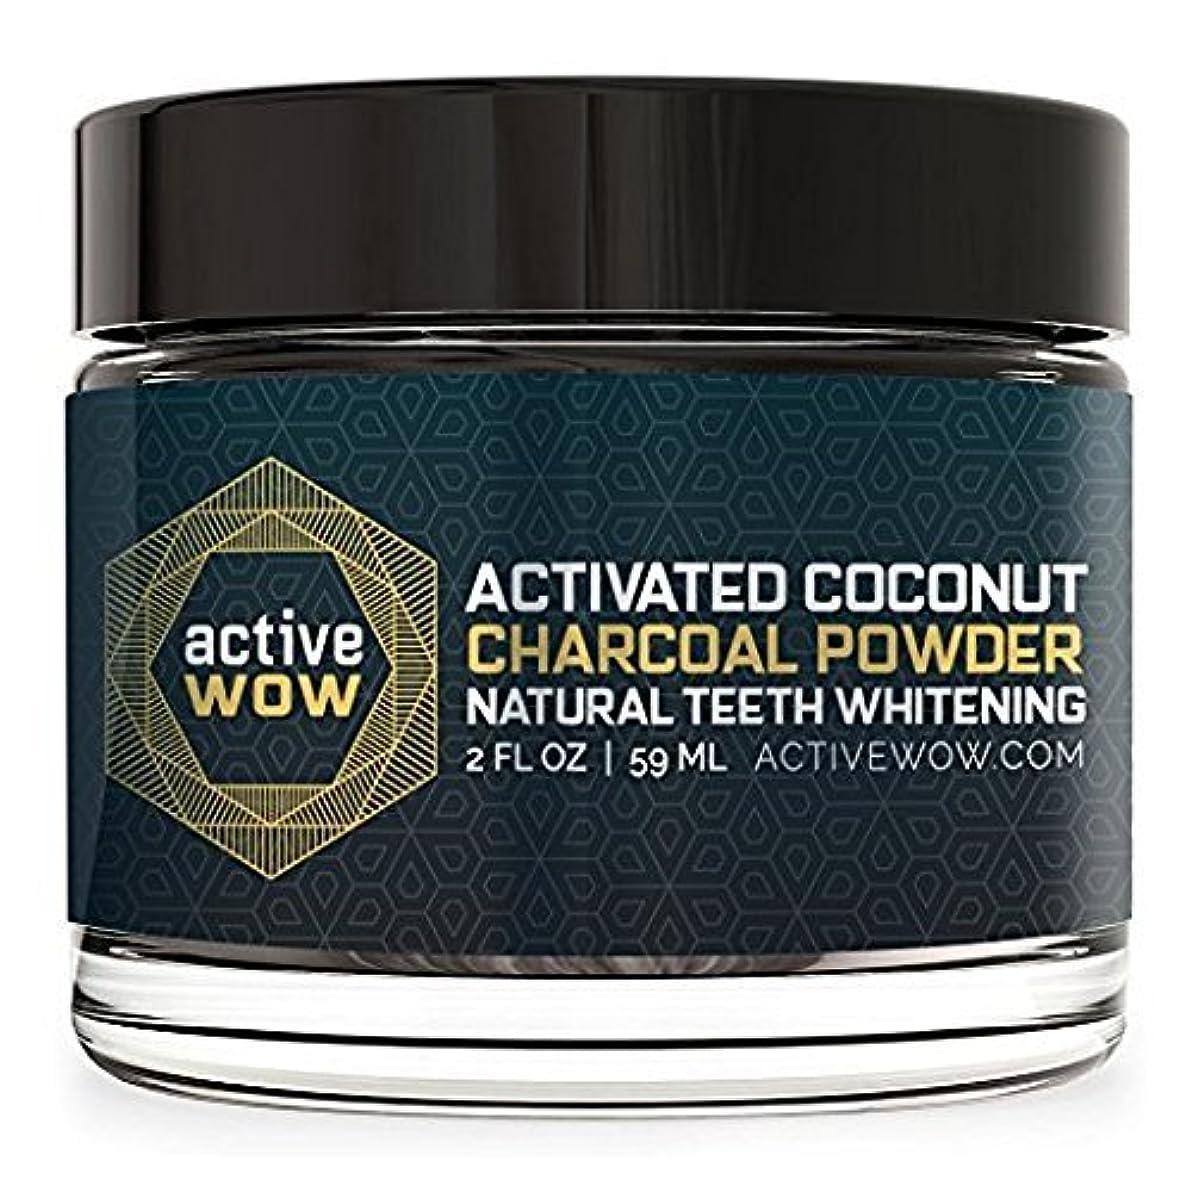 クール錆びトレーダーアメリカで売れている 炭パウダー歯のホワイトニング Teeth Whitening Charcoal Powder Natural [並行輸入品]